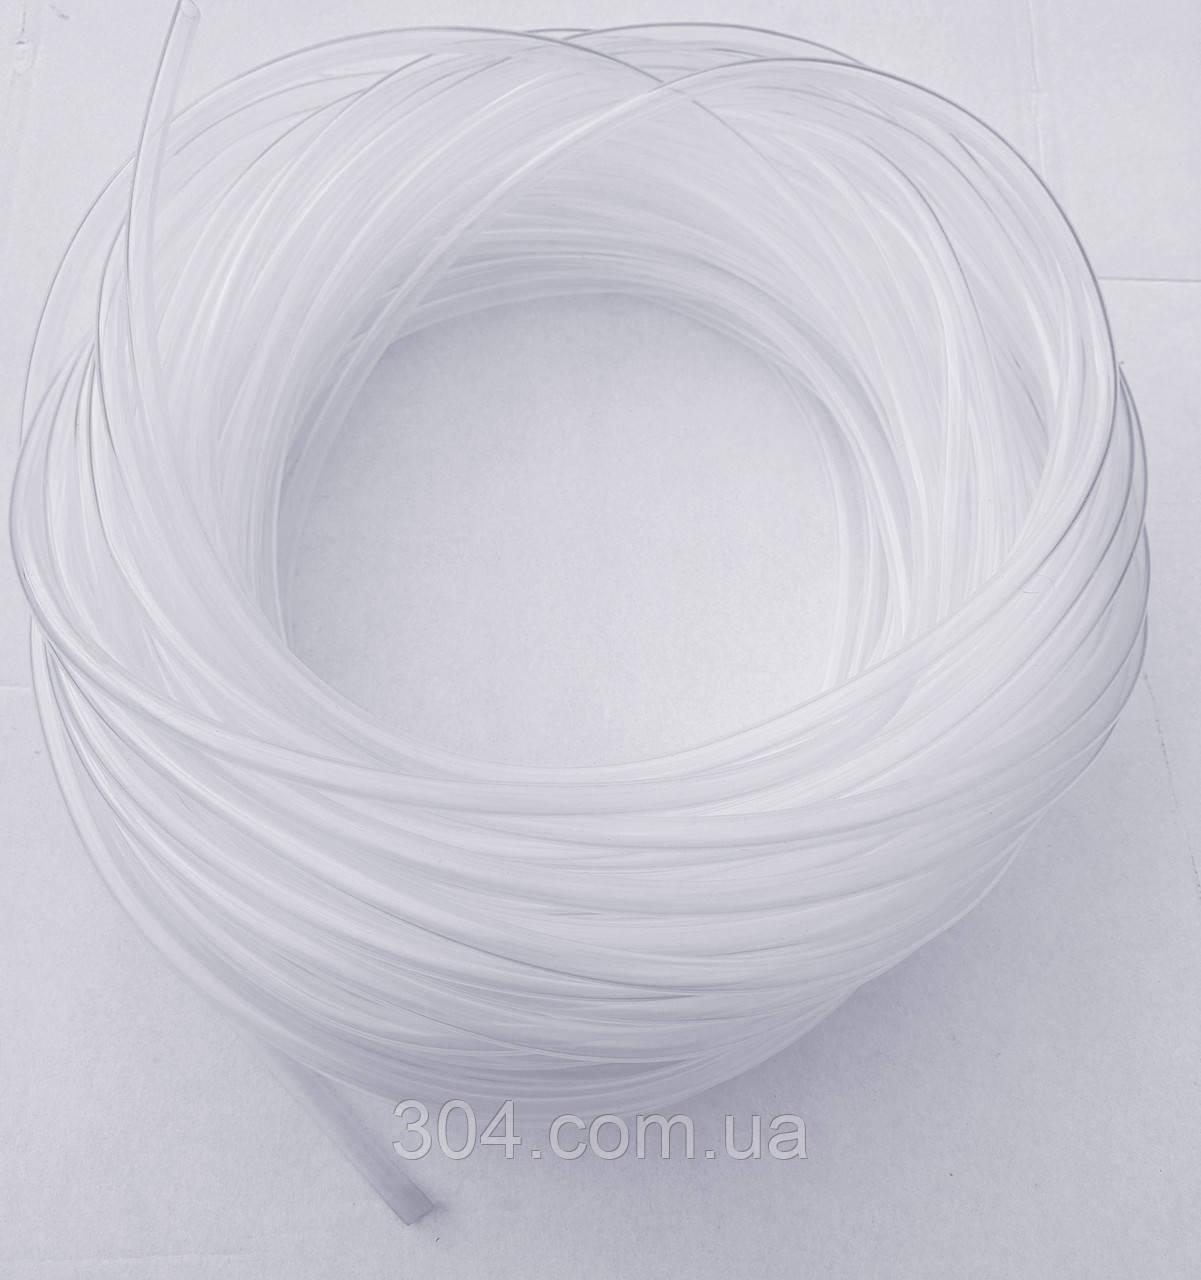 Трубка силиконовая 4*6 мм